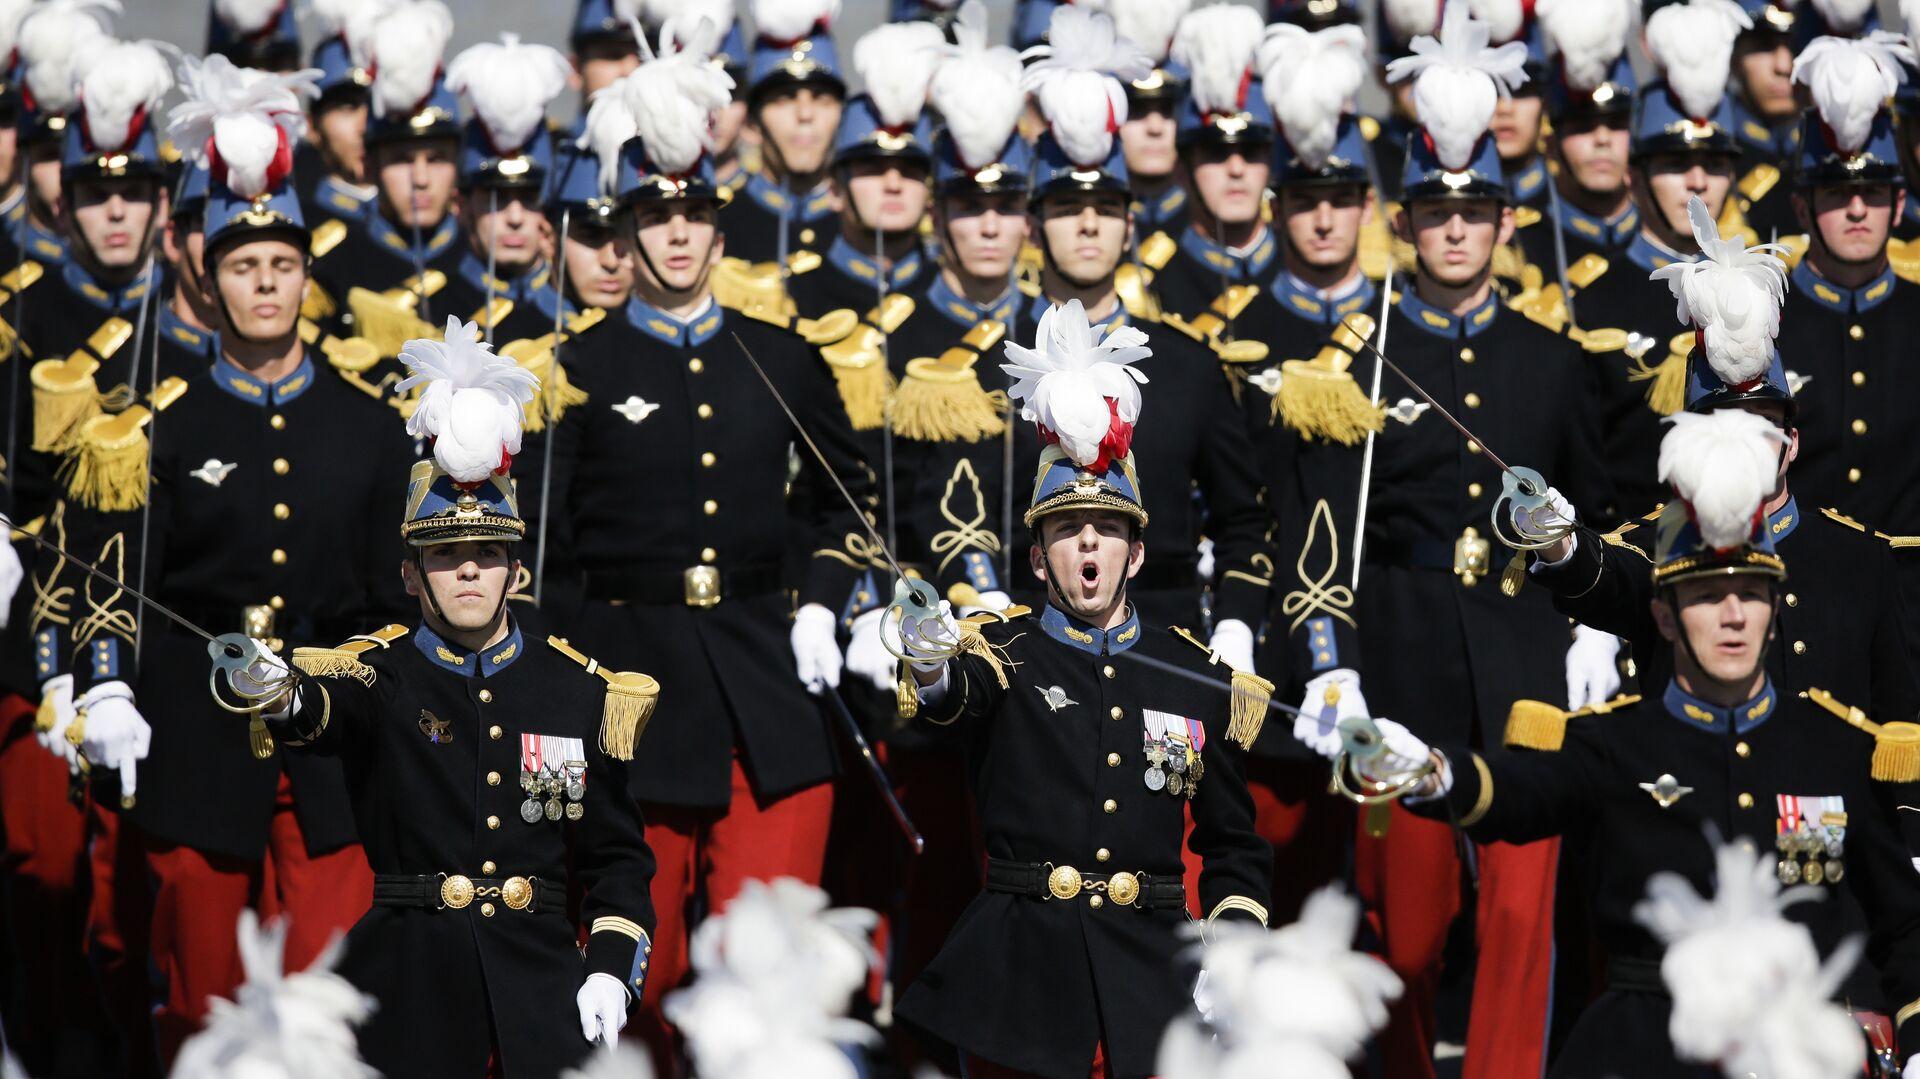 Французские солдаты во время военного парада в День взятия Бастилии в Париже  - РИА Новости, 1920, 10.05.2021